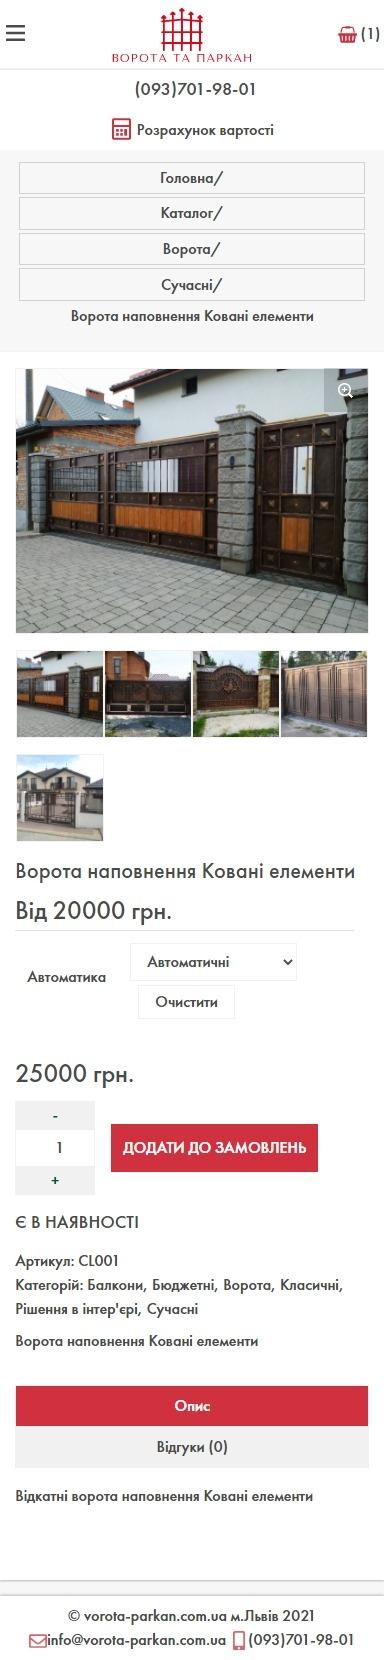 05-vorota-parkan.com.ua